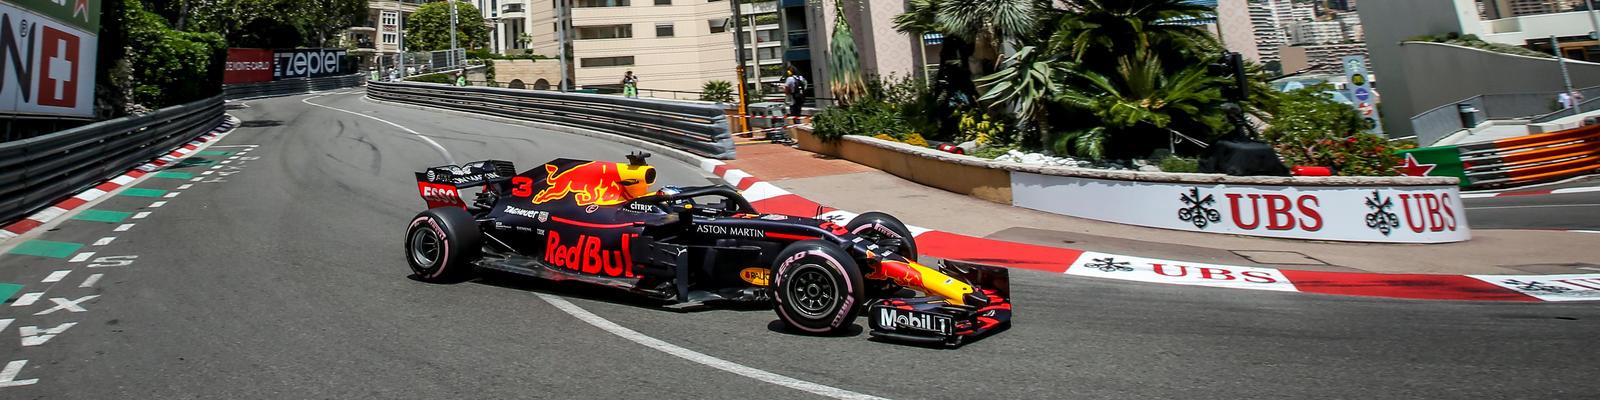 Photograph: Monte-Carlo, Monaco. 27/05/2018. Grand Prix of Monaco. F1 World Championship 2018. Daniel Ricciardo, Red Bull, winner of Monaco Grand Prix. - Photo credit: cristiano barni / Shutterstock.com